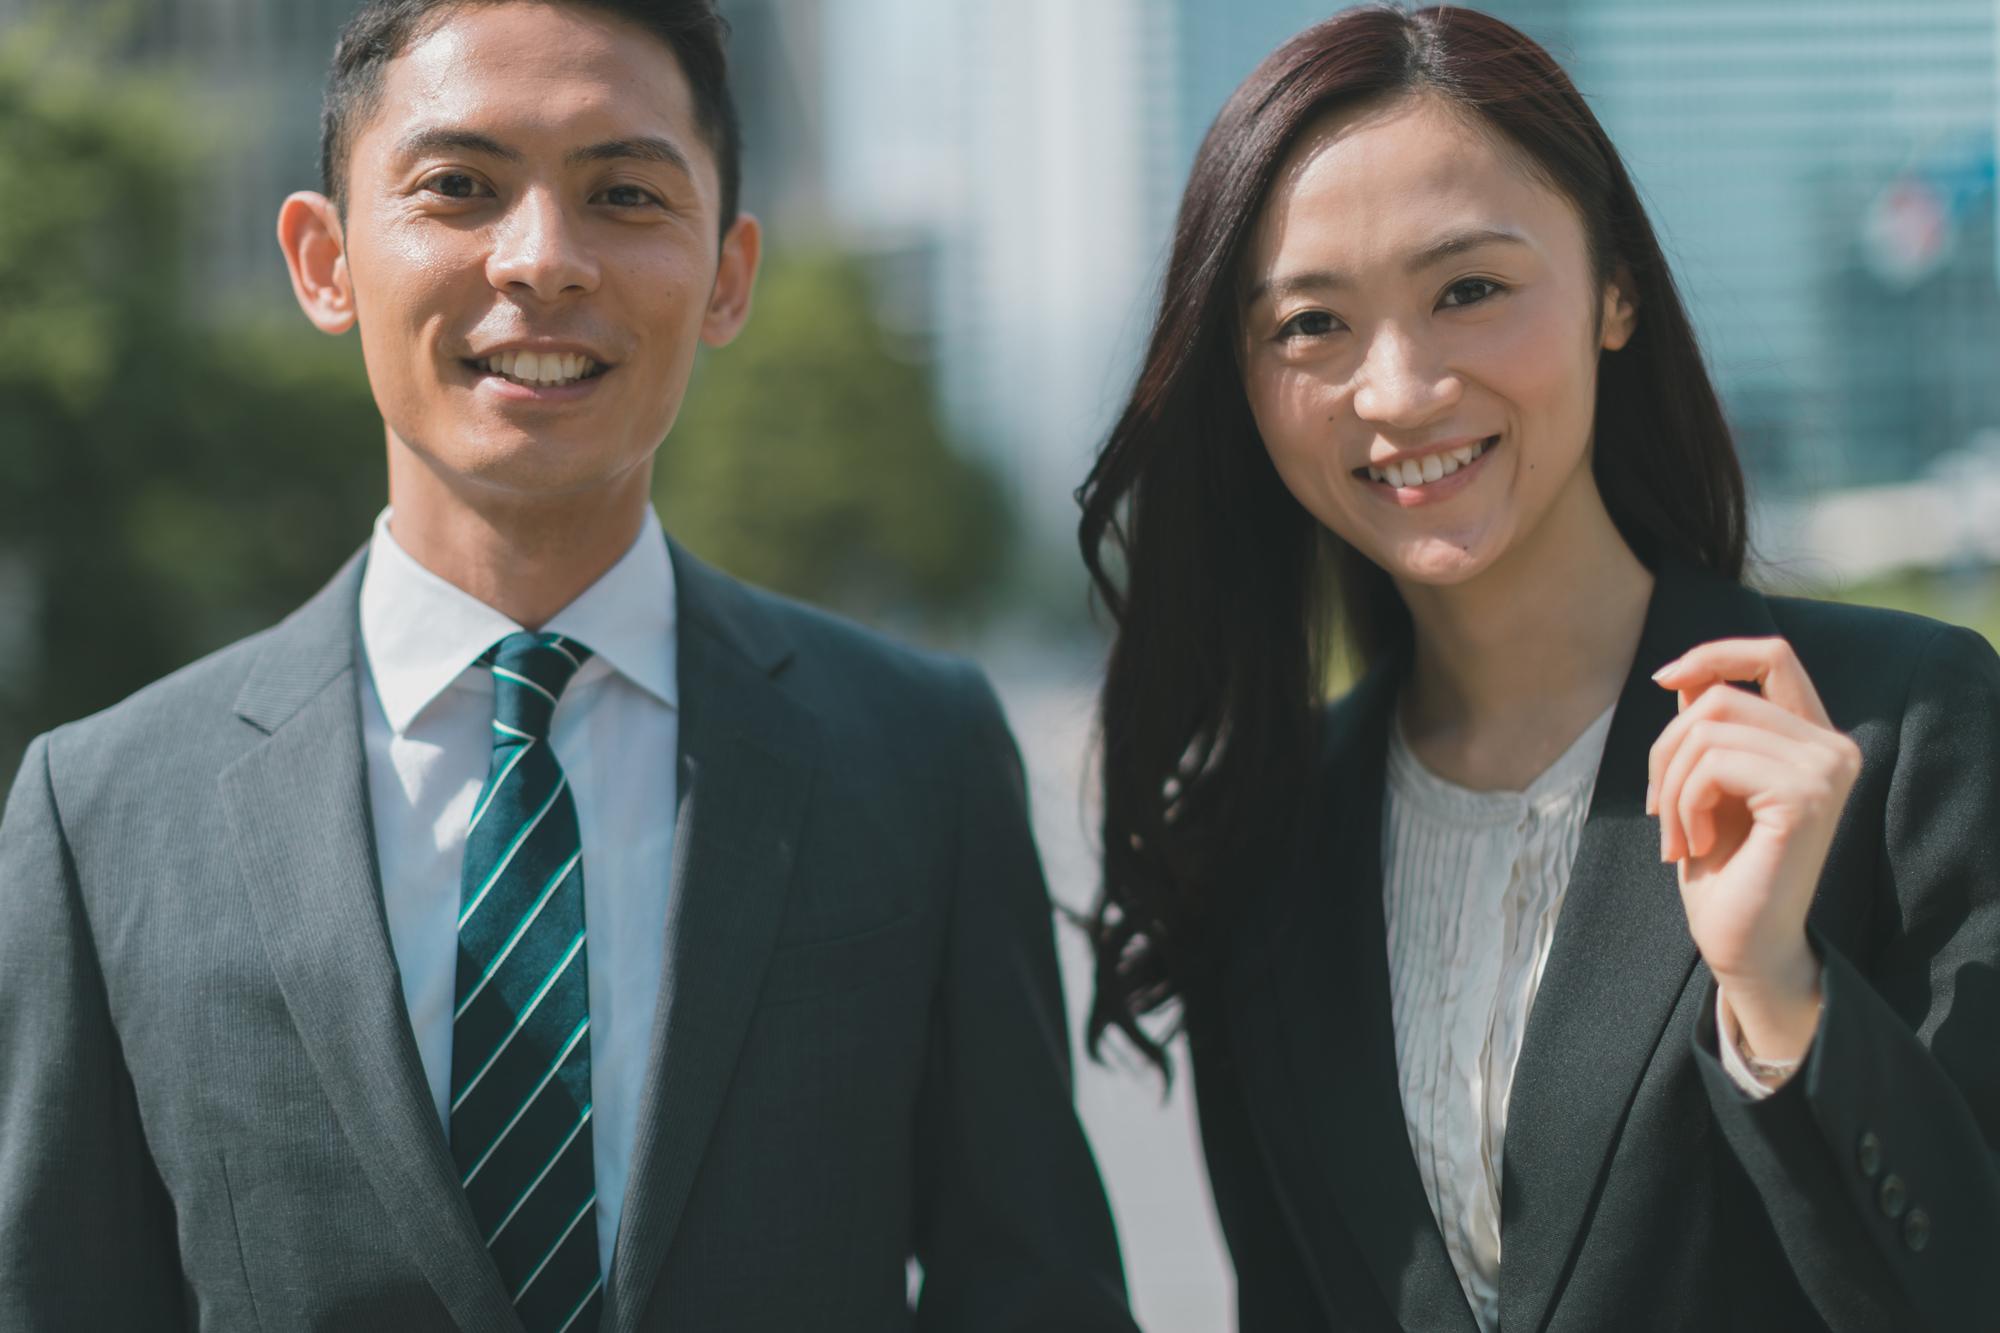 職場結婚にありがちな注意点